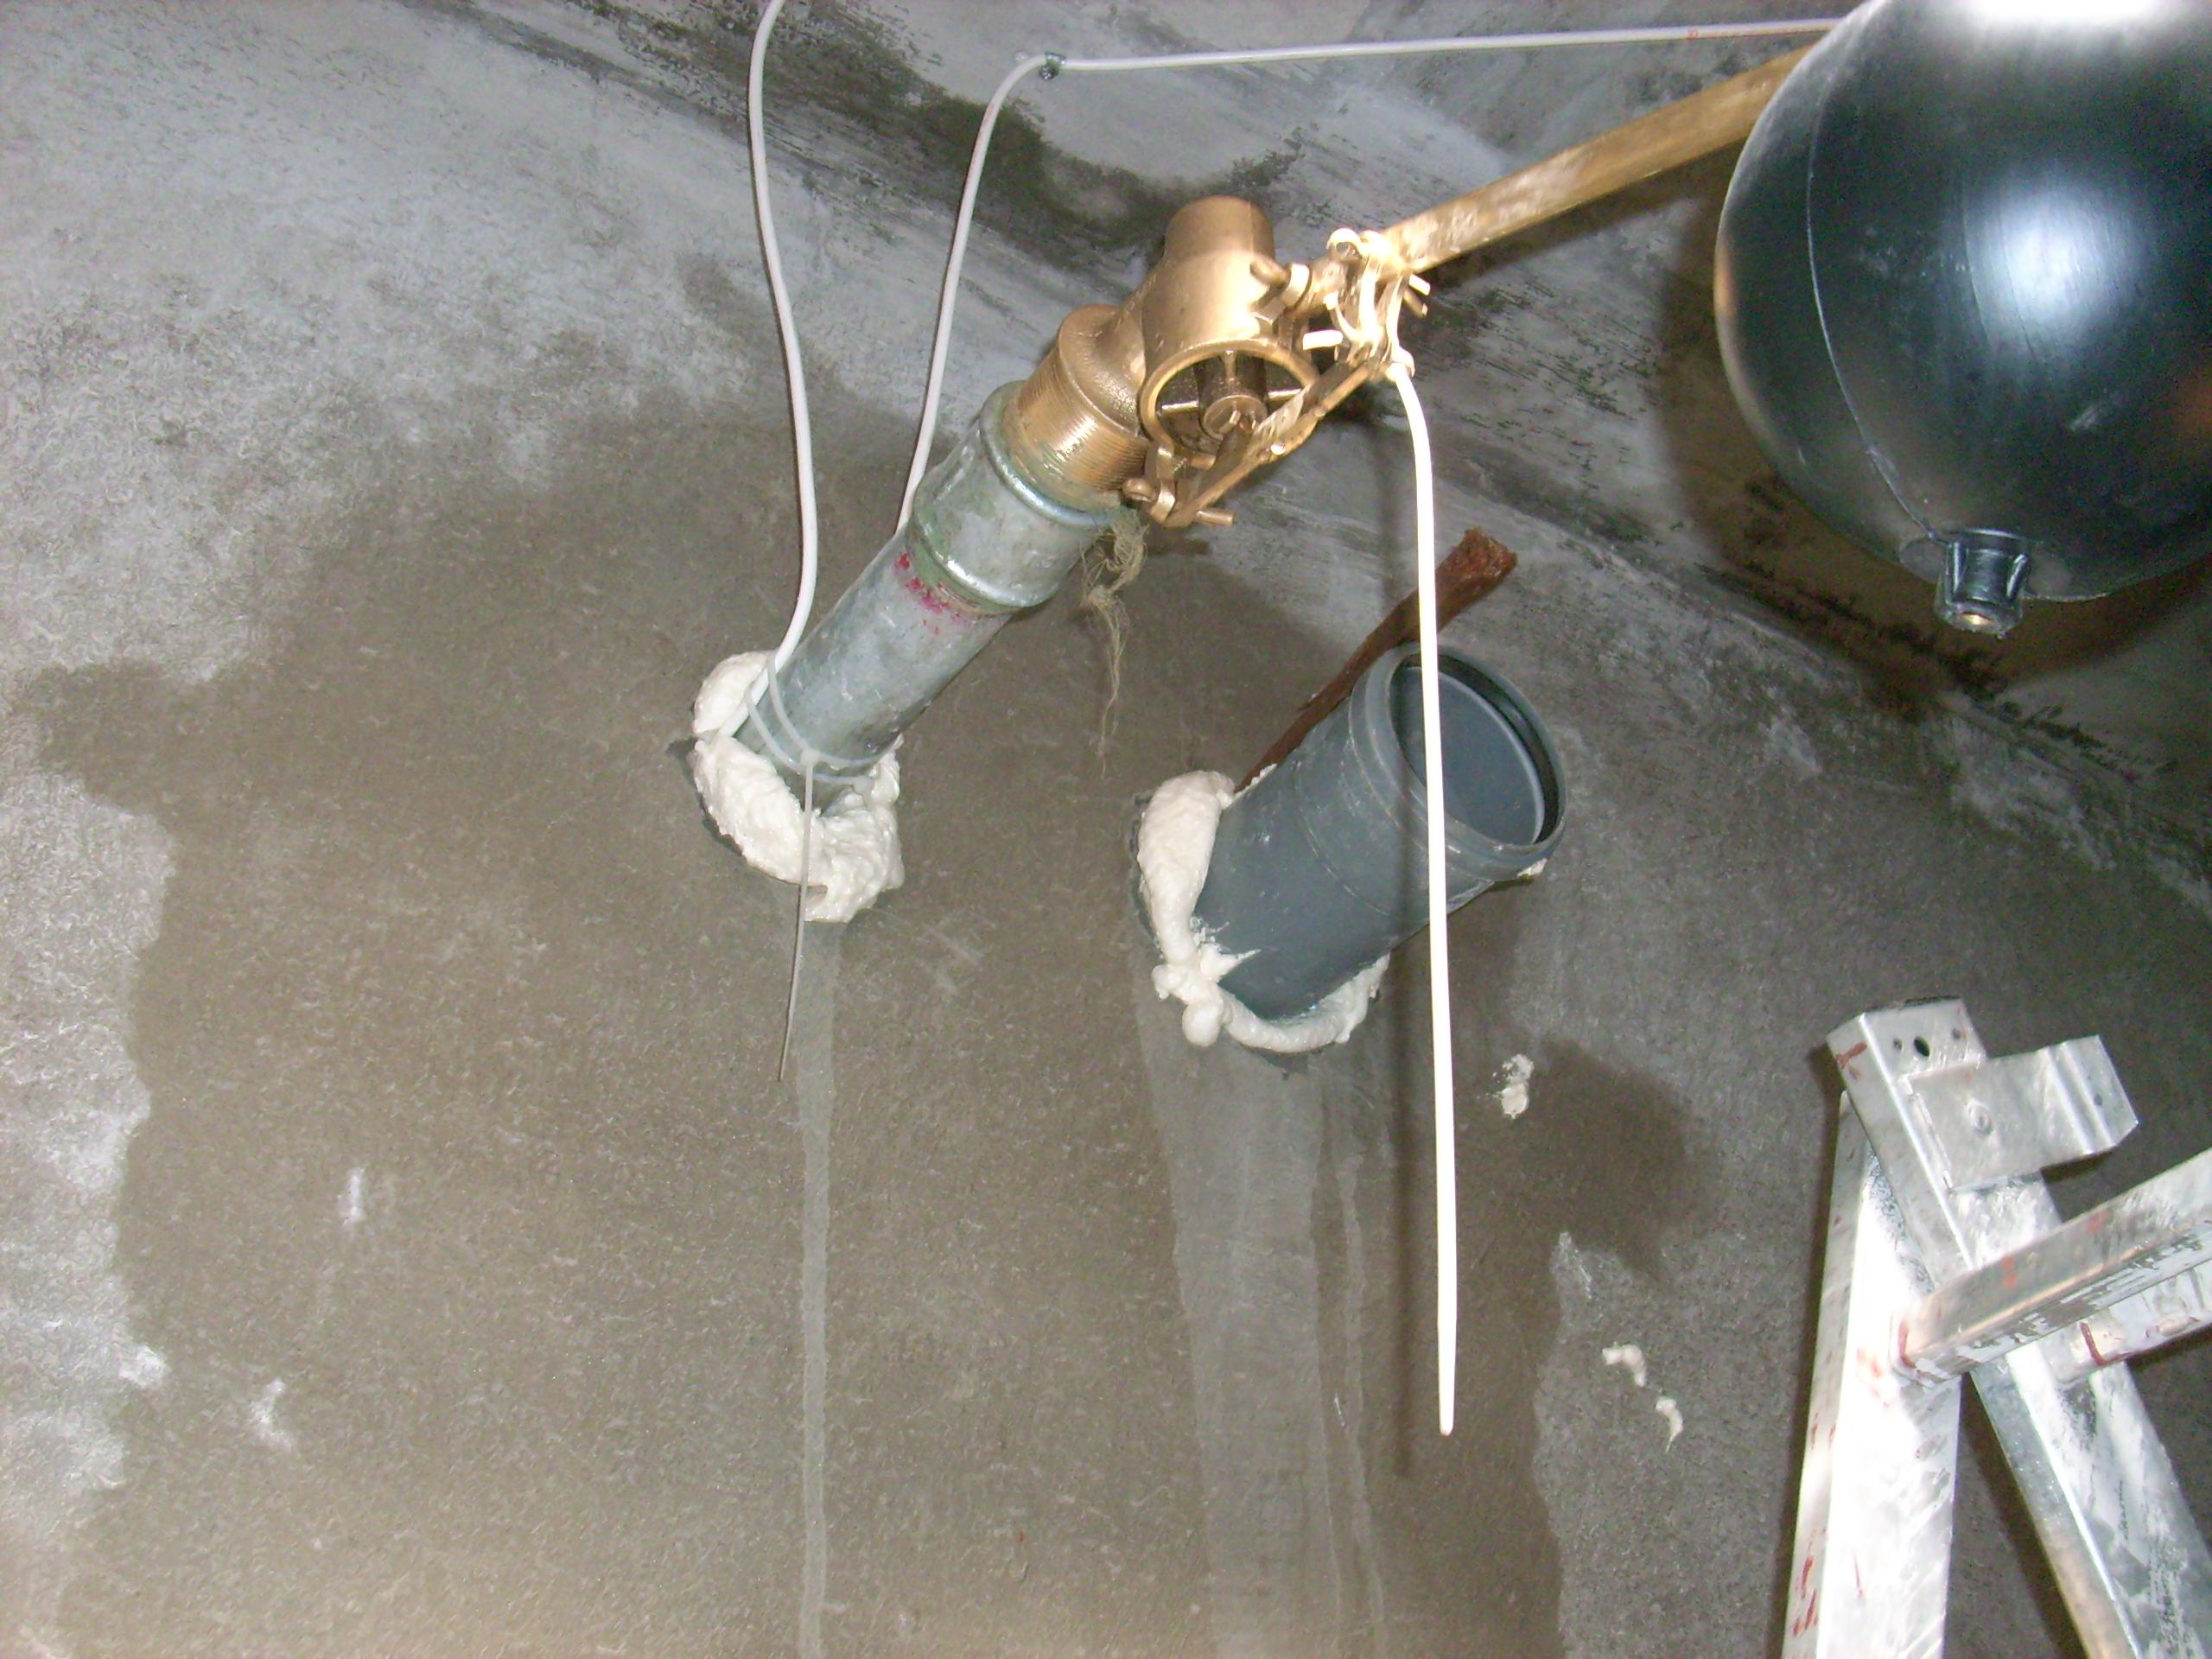 Hidroizolare strapungeri instalatii sanitare - Complex rezidential str Fetesti UNICO PROFIT - Poza 15